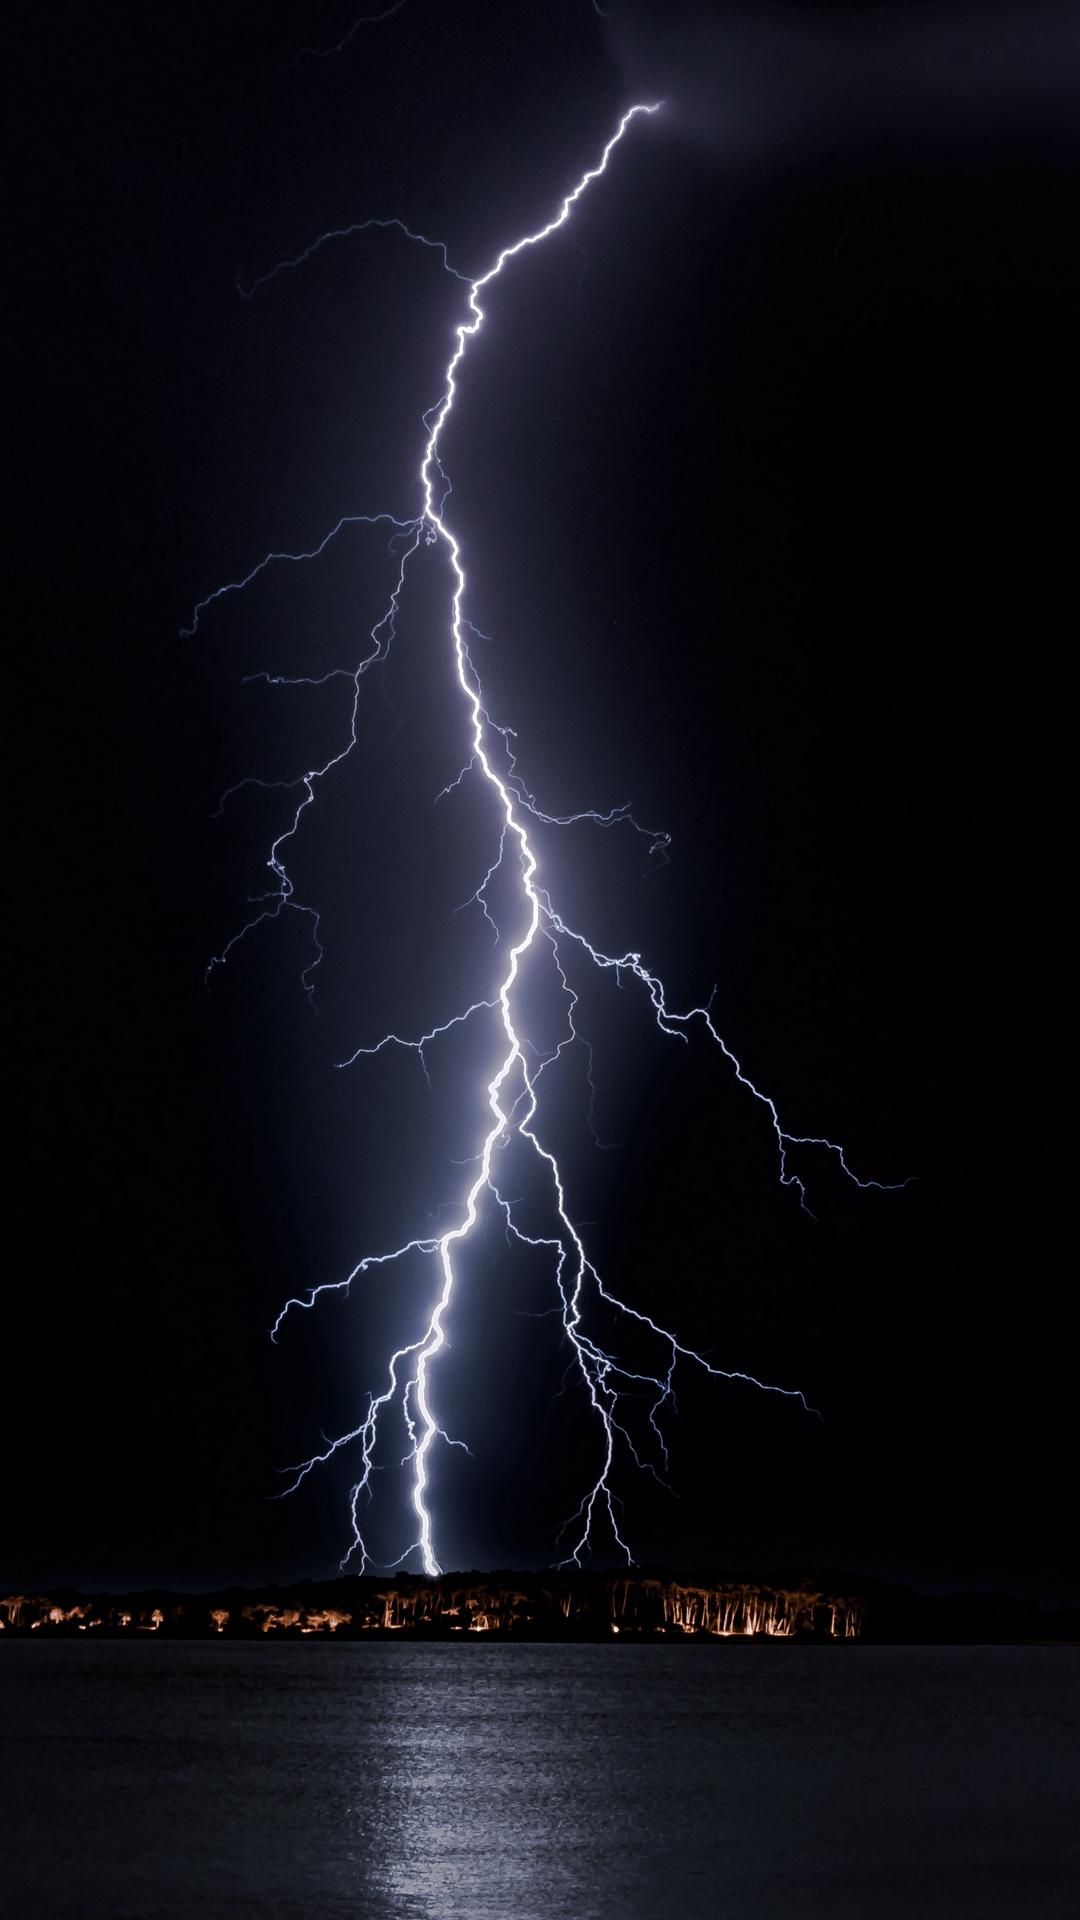 Lightning Night Horizon Wallpaper 1080x1920